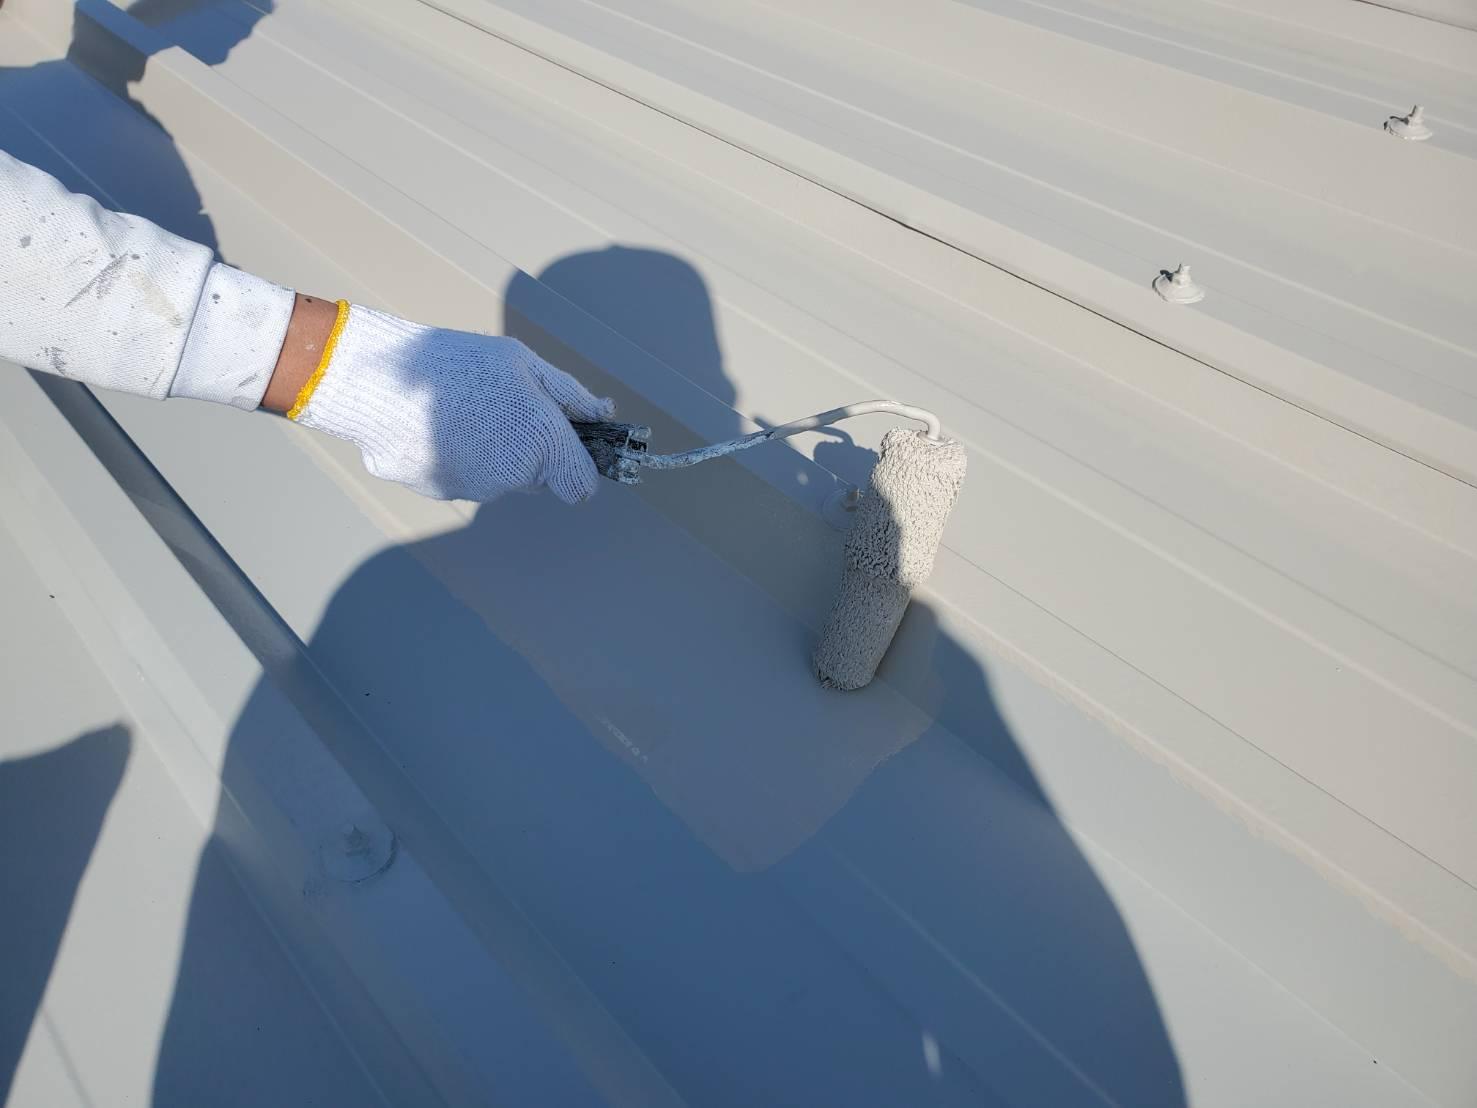 外壁塗装 佐賀 倉庫 シャッター塗装 シャッター 屋根 塗装 下塗り